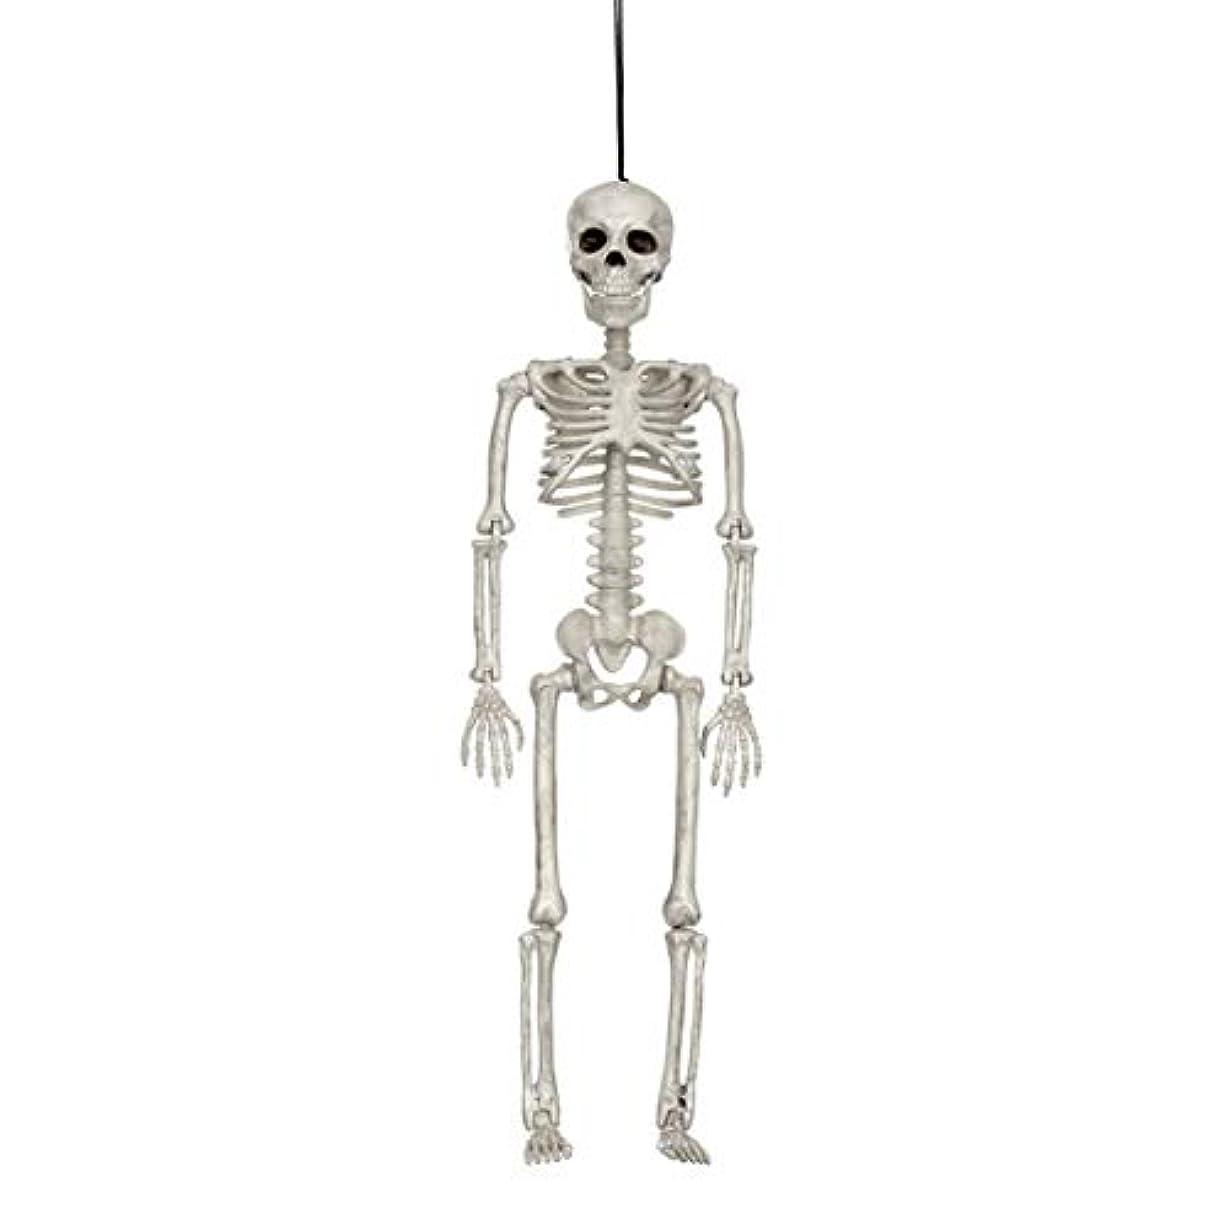 まっすぐにする分岐する不変ハロウィン人間の骨格モデルホラーディスプレイペンダント小道具デスクトップの装飾